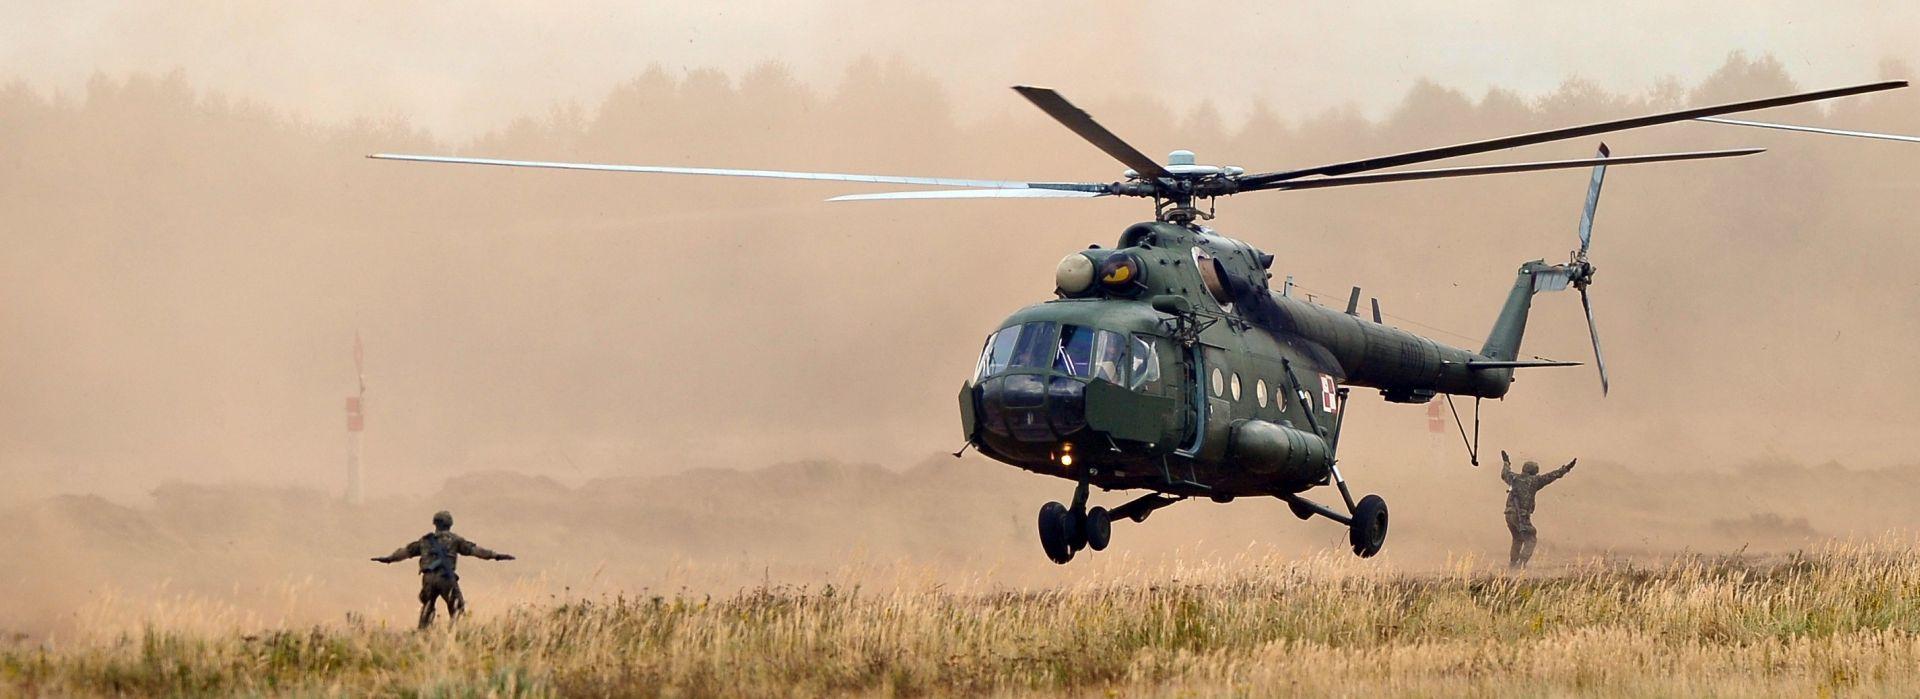 UZROK NEPOZNAT Vojni helikopter srušio se u Meksiku, sedmero poginulo